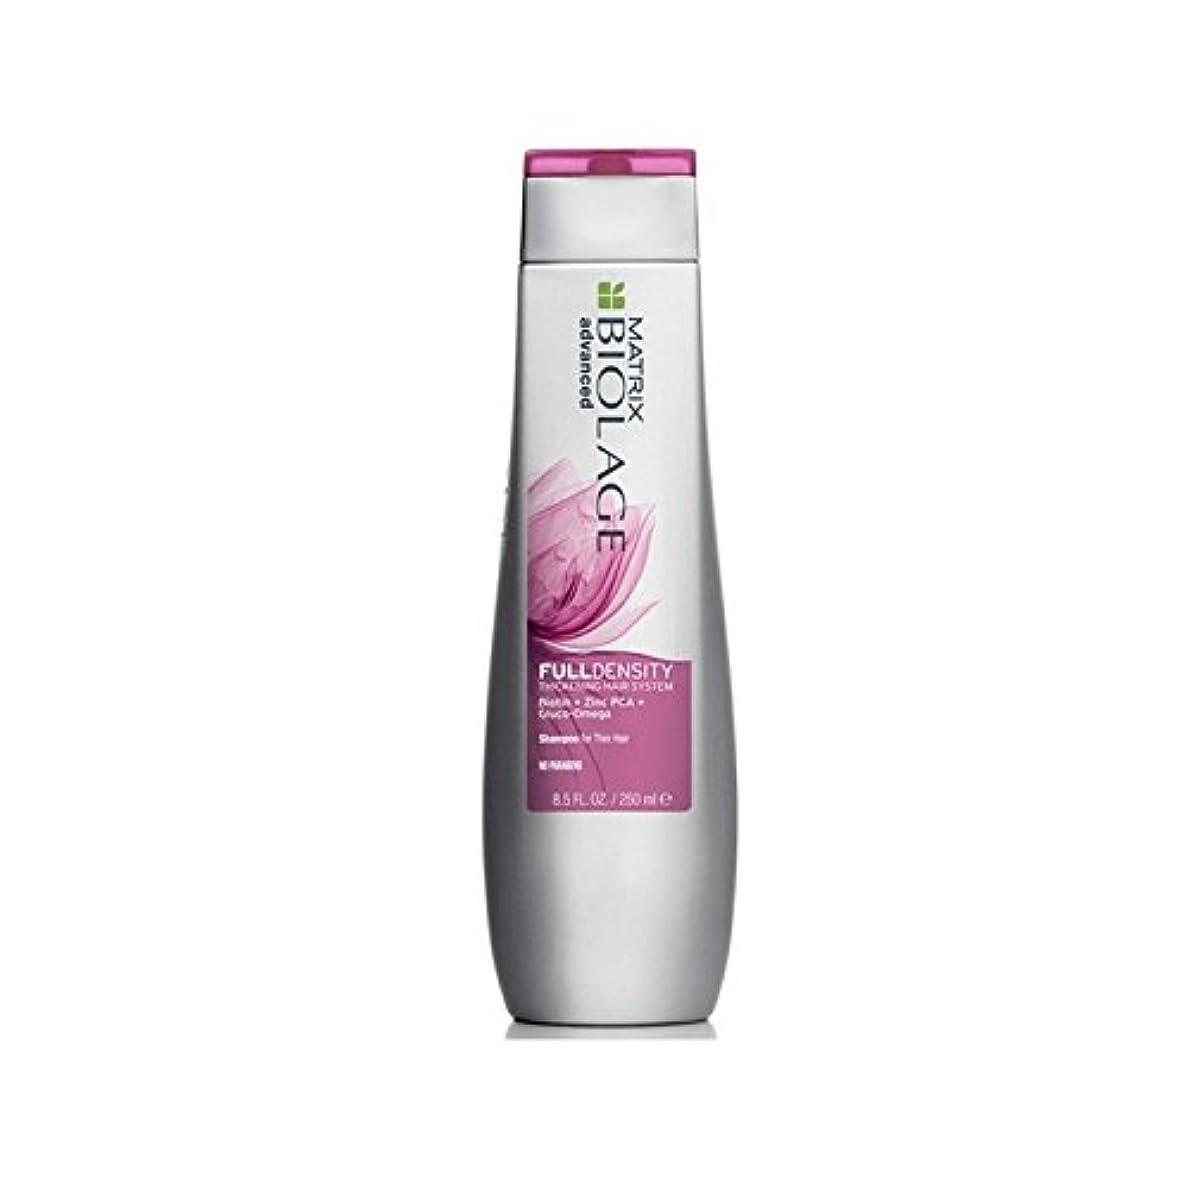 引き潮倫理的憎しみMatrix Biolage Full Density Shampoo (250ml) - マトリックスバイオレイジ完全密度シャンプー(250ミリリットル) [並行輸入品]